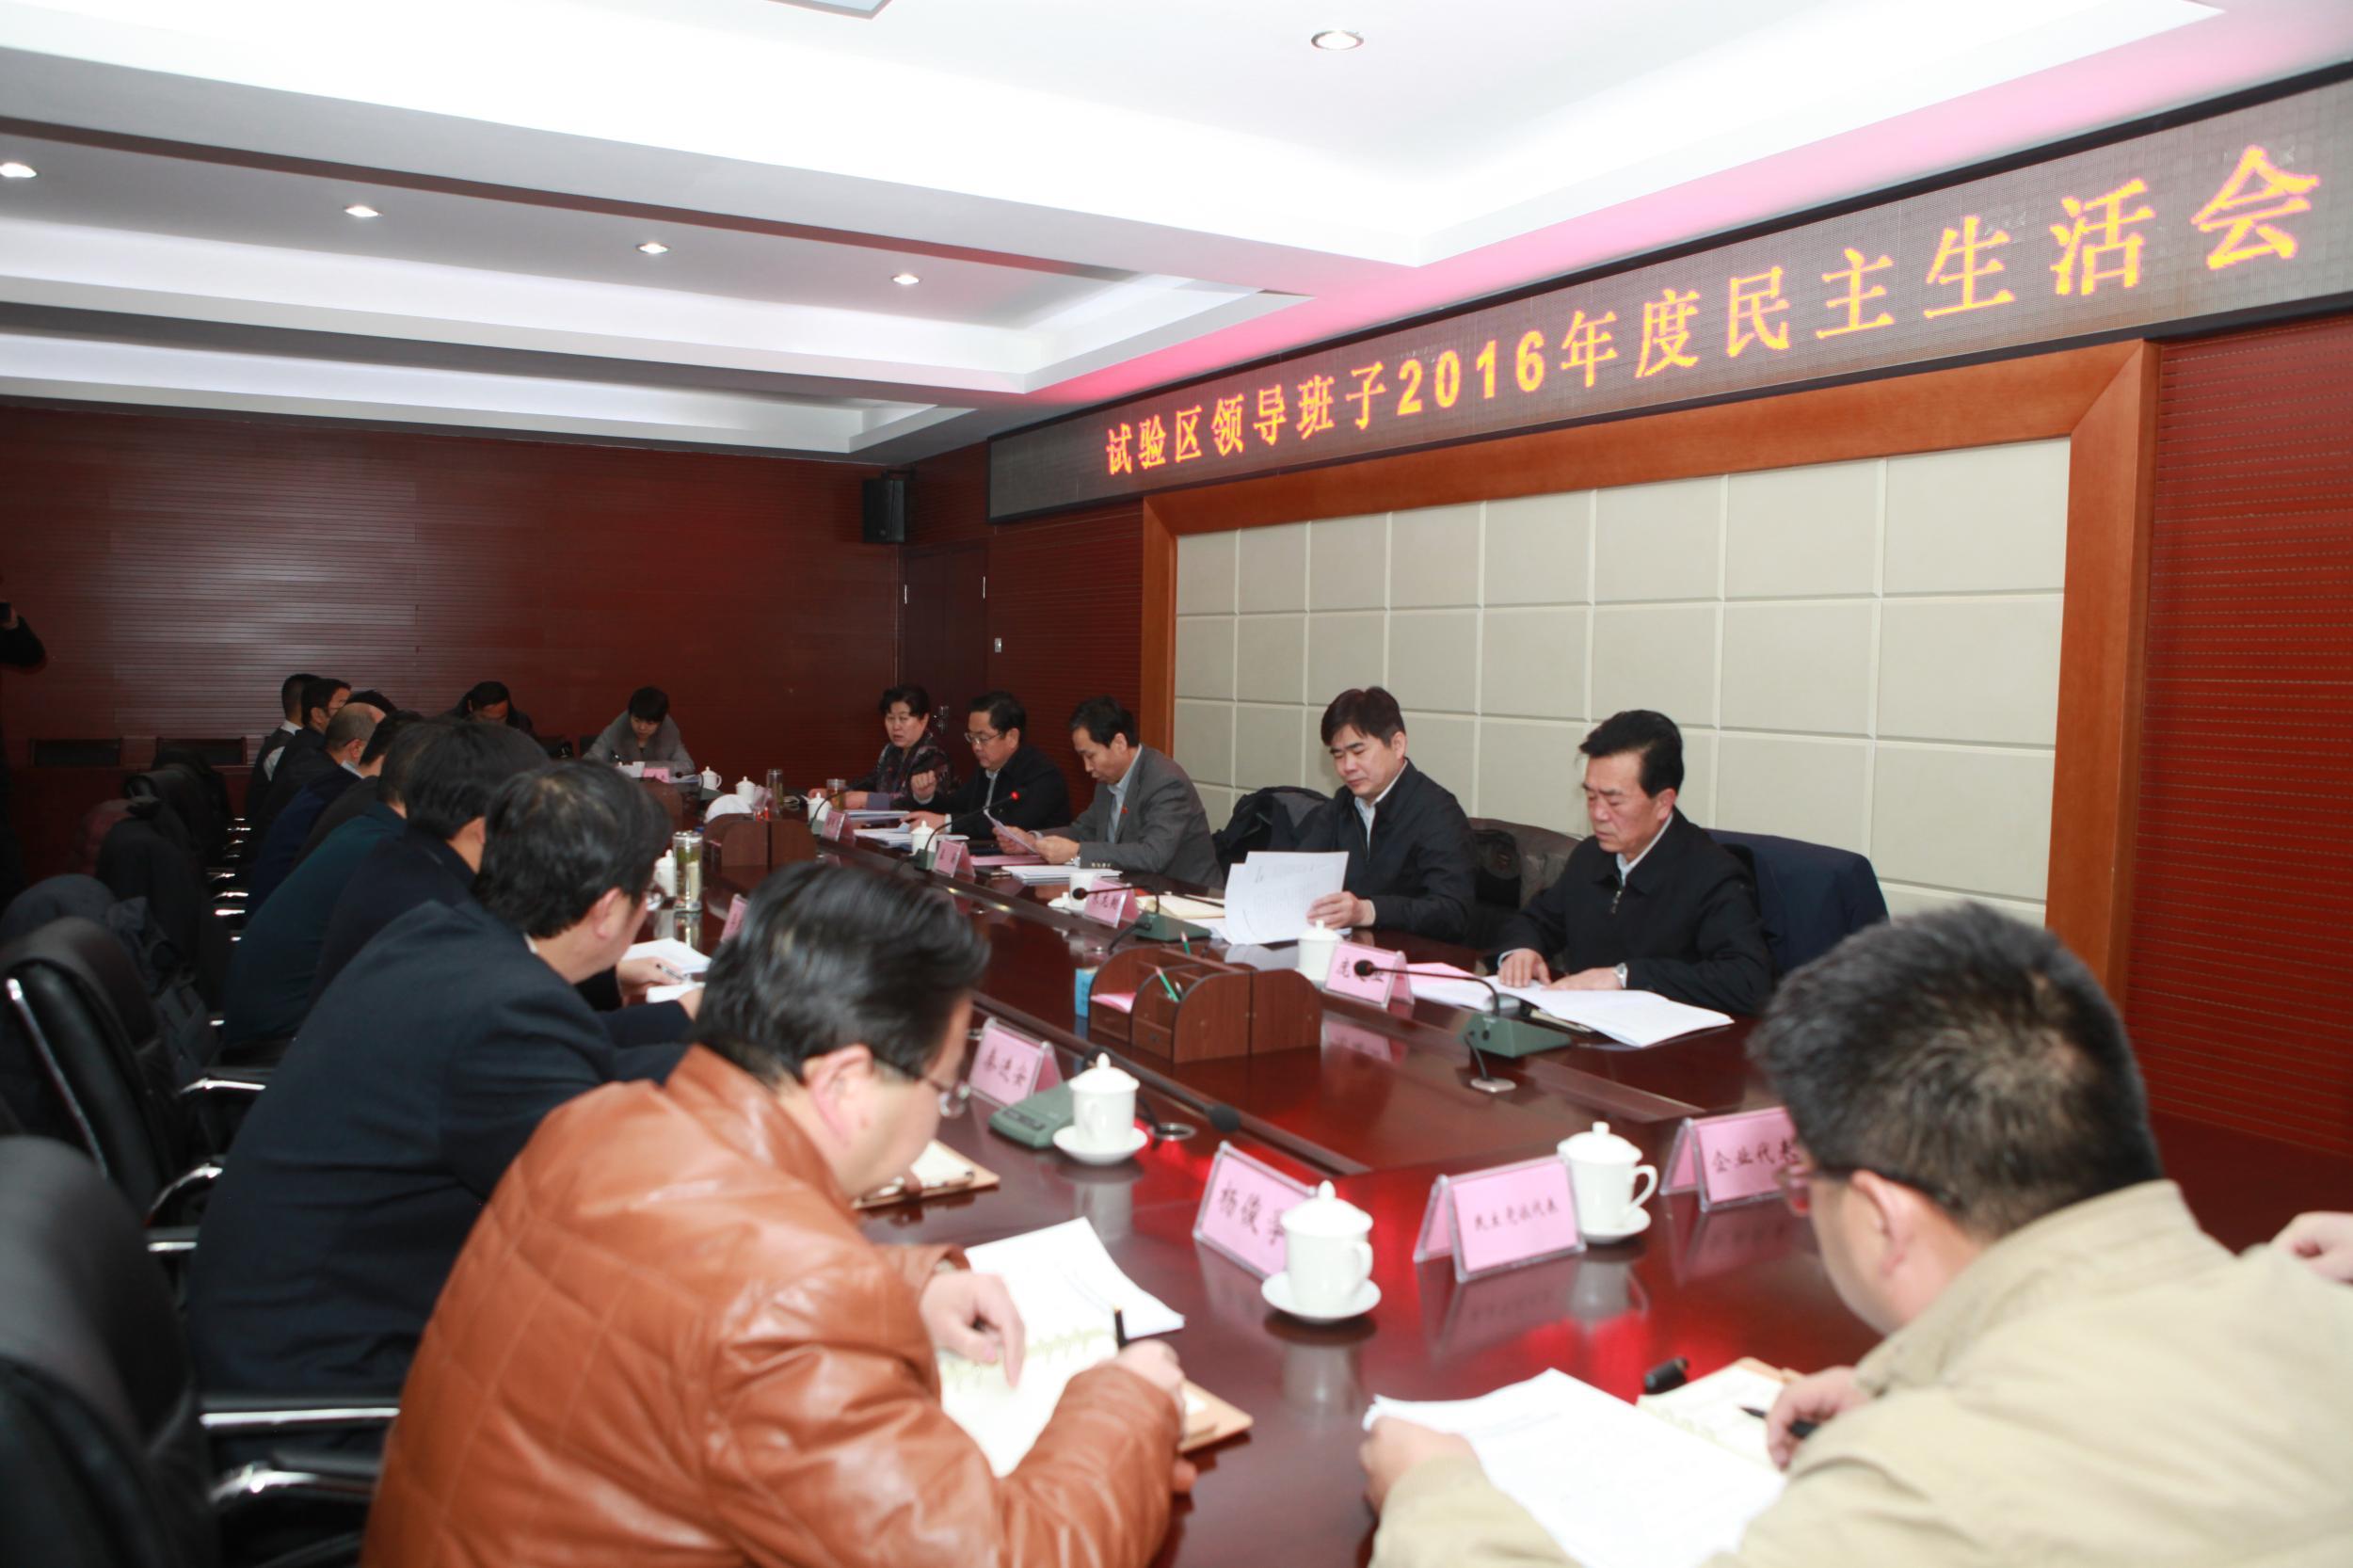 柴达木循环经济试验区领导班子召开2016年度民主生活会